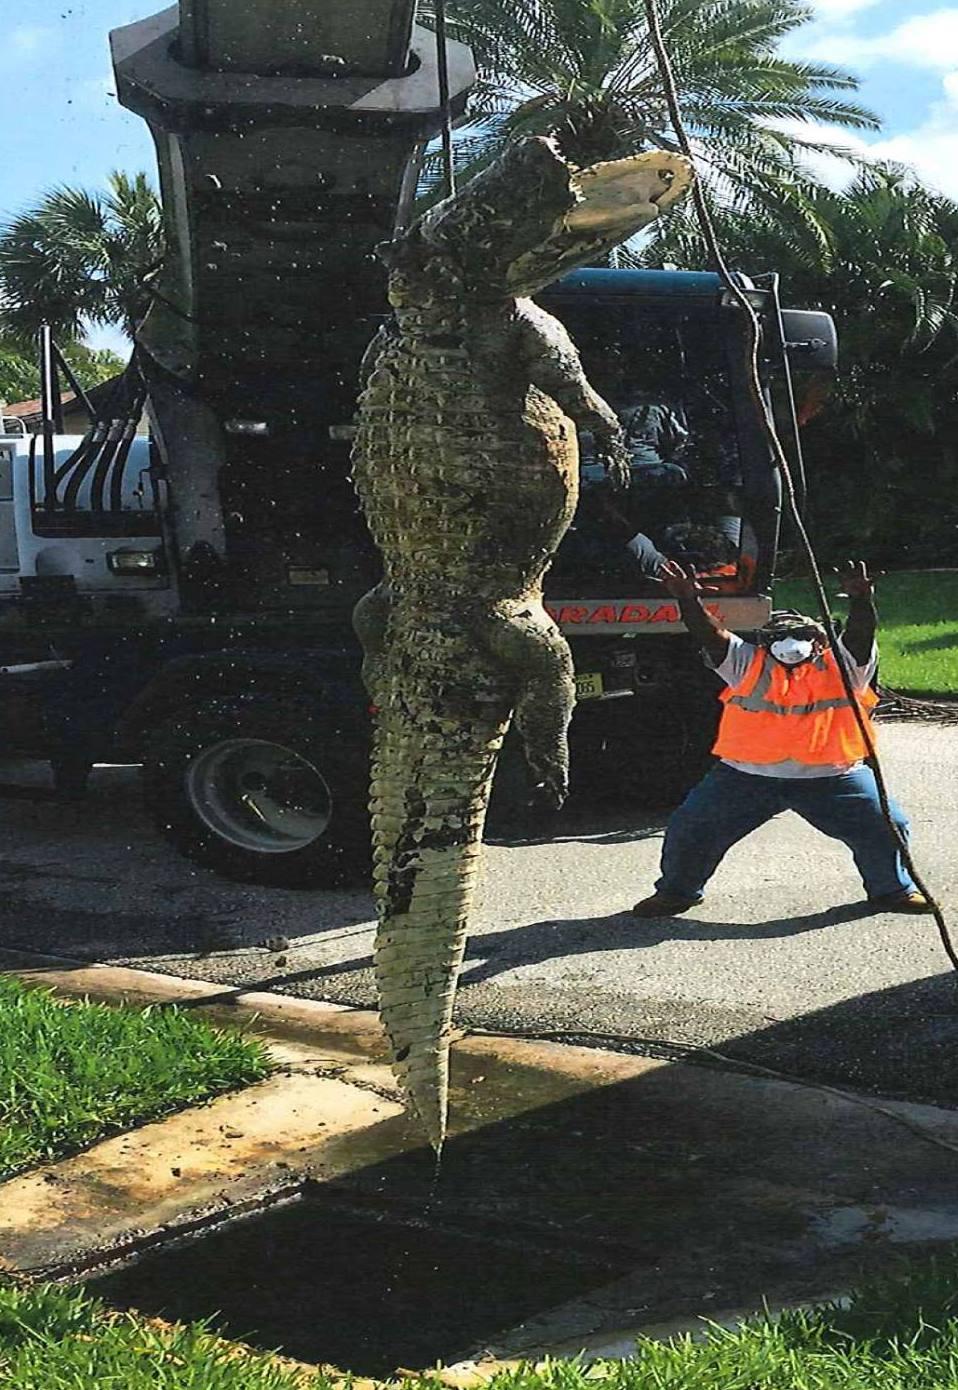 11ft Long Alligator Found Blocking Florida Drain